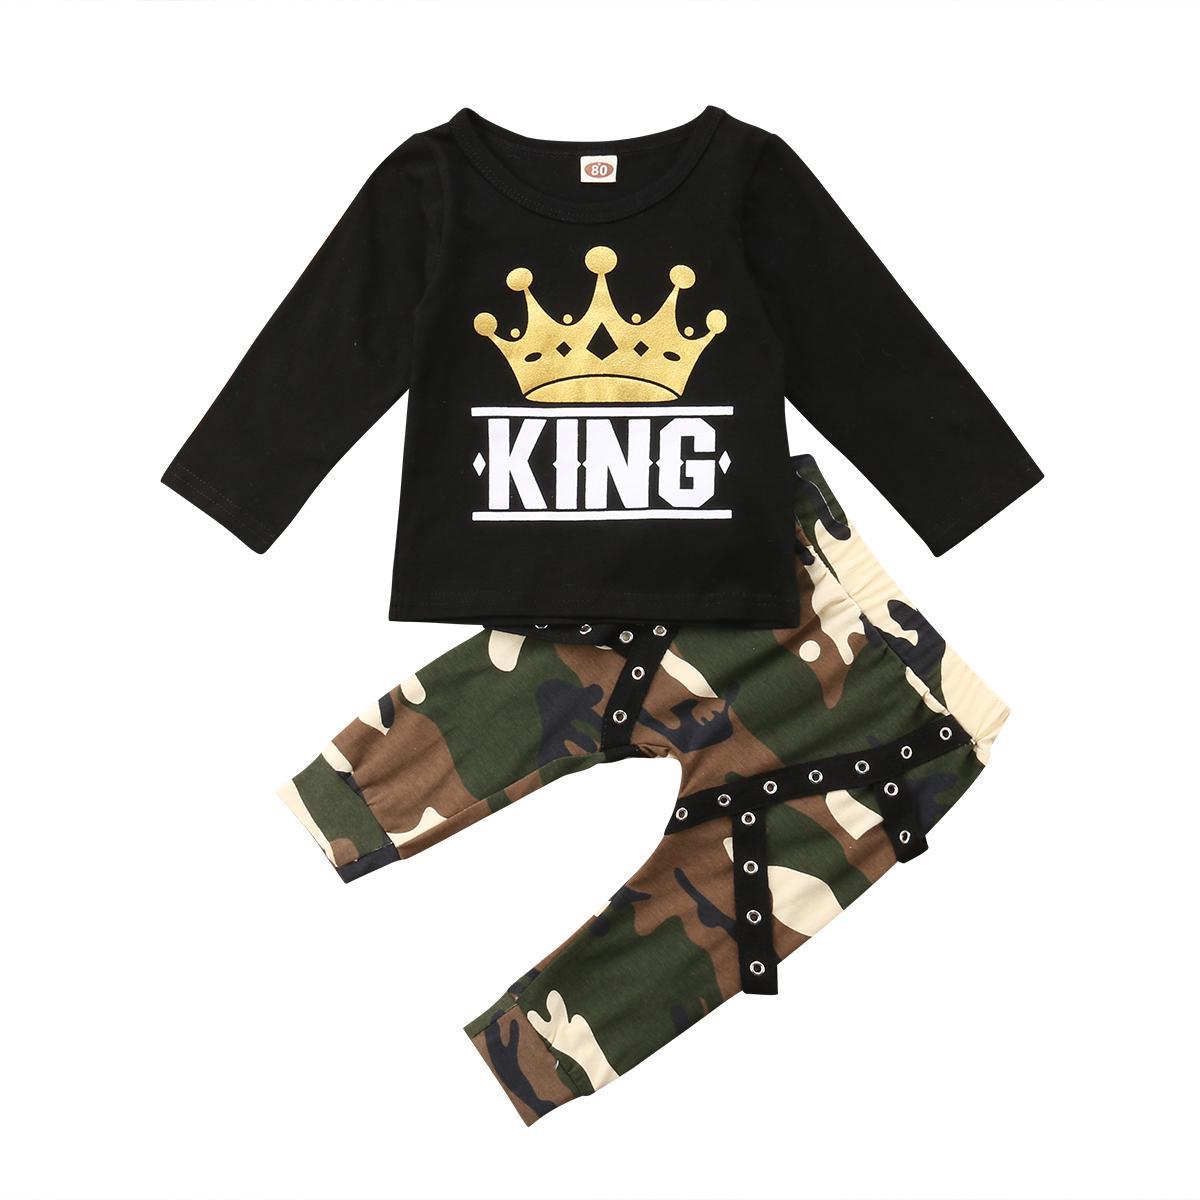 Ragazzo Lettera a maniche lunghe bambino dei vestiti del bambino scherza Stampa Tops T-shirt + lungo Camo Pantaloni Harem 2PCS Outfits Set